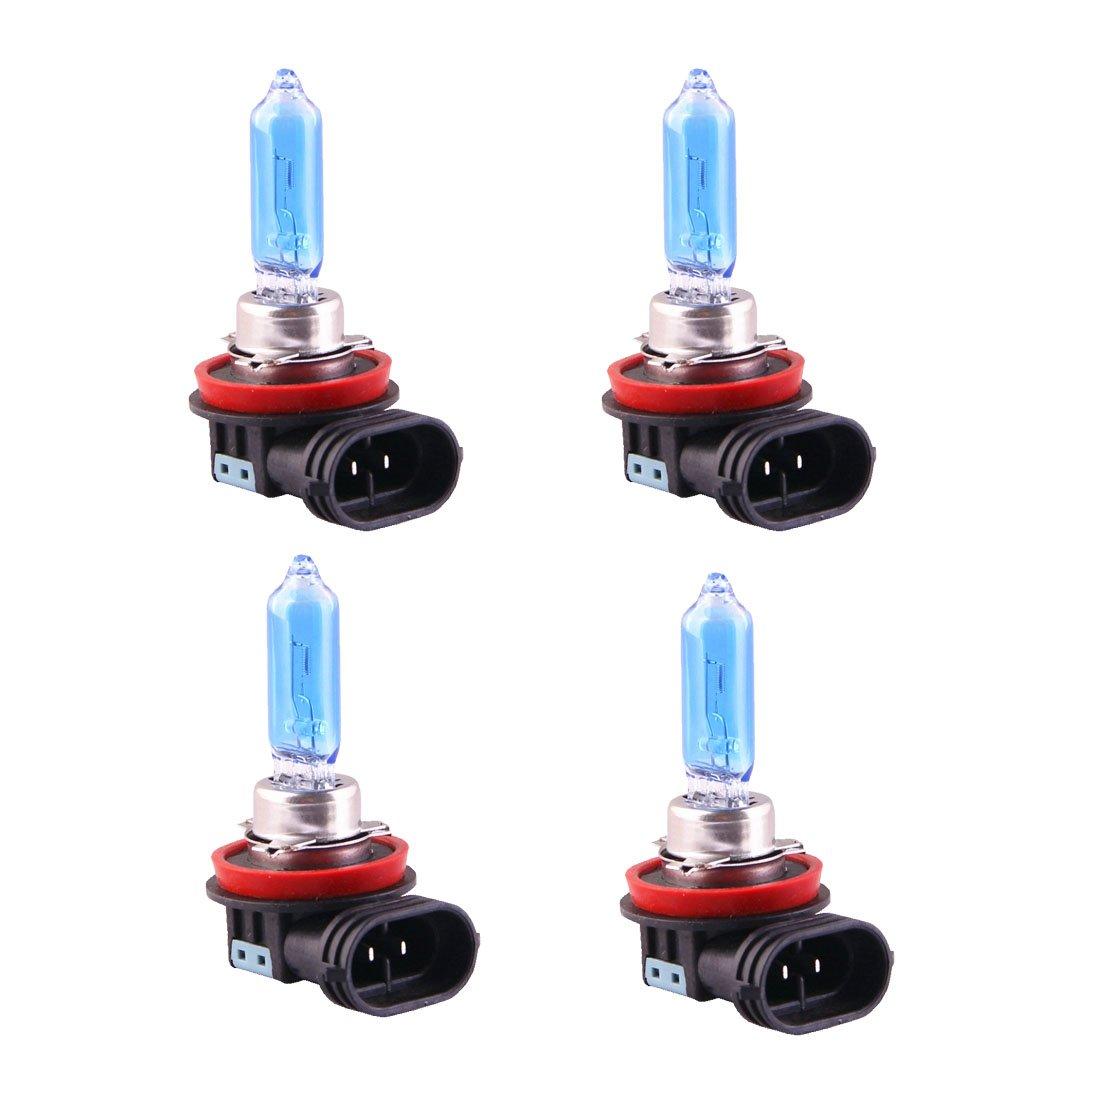 H9 12V 65W Super White Halogen Xenon Filled Bulb High Beam Light (Package of 4) LEZEN